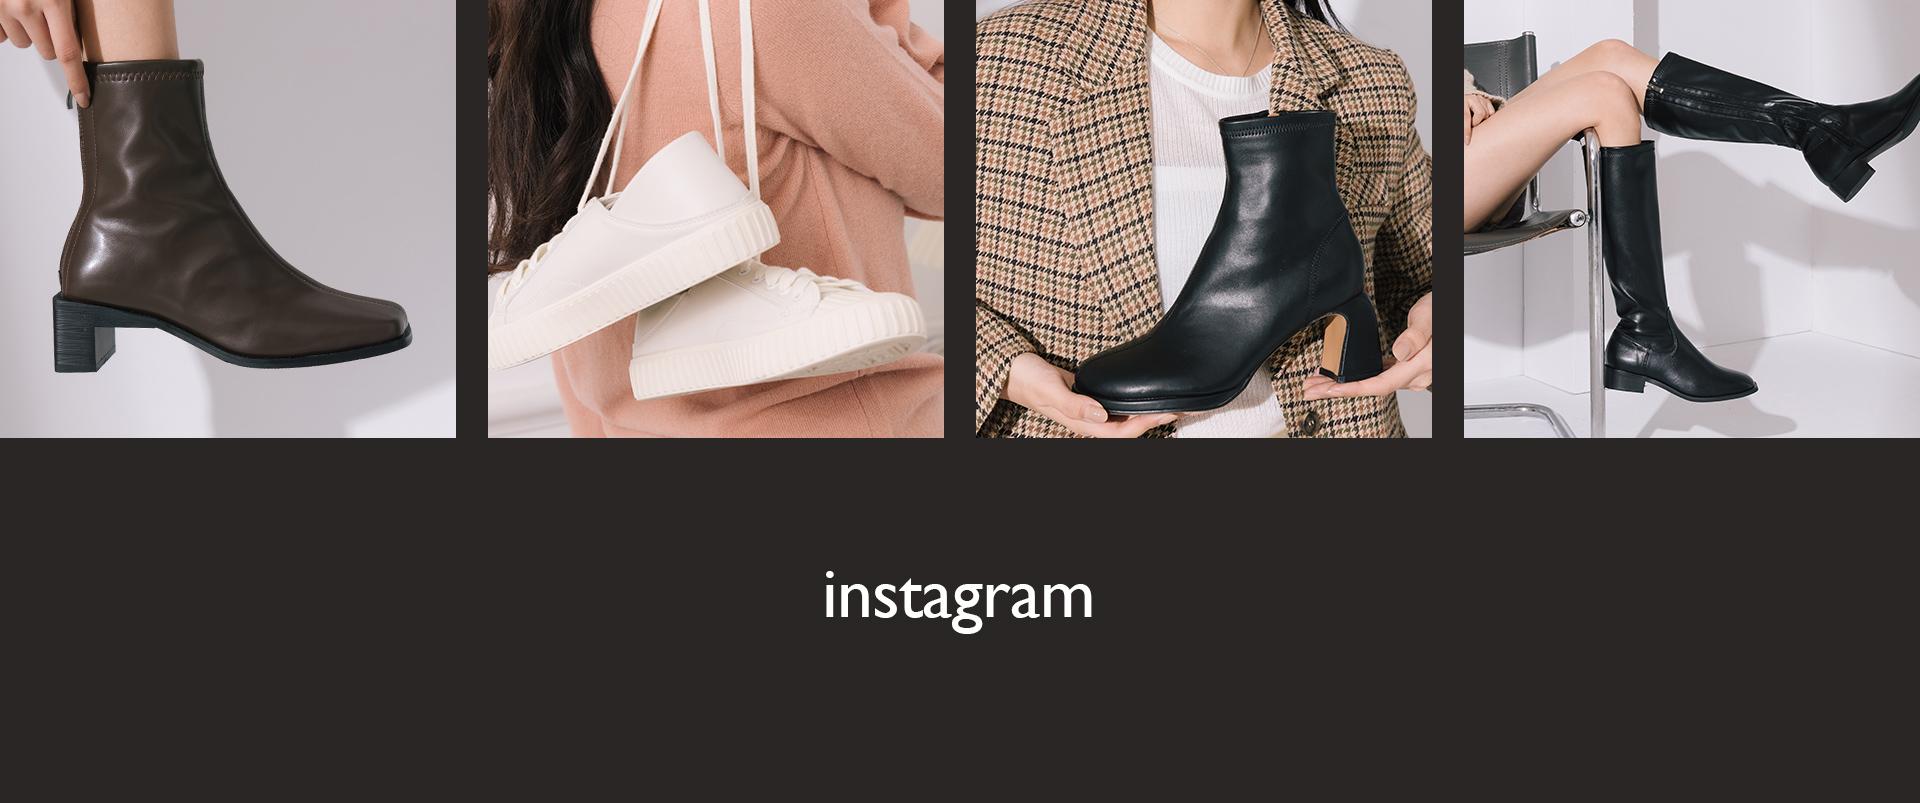 探索更多2021流行女鞋 女靴 流行趨勢 襪靴 短靴 休閒鞋 長靴